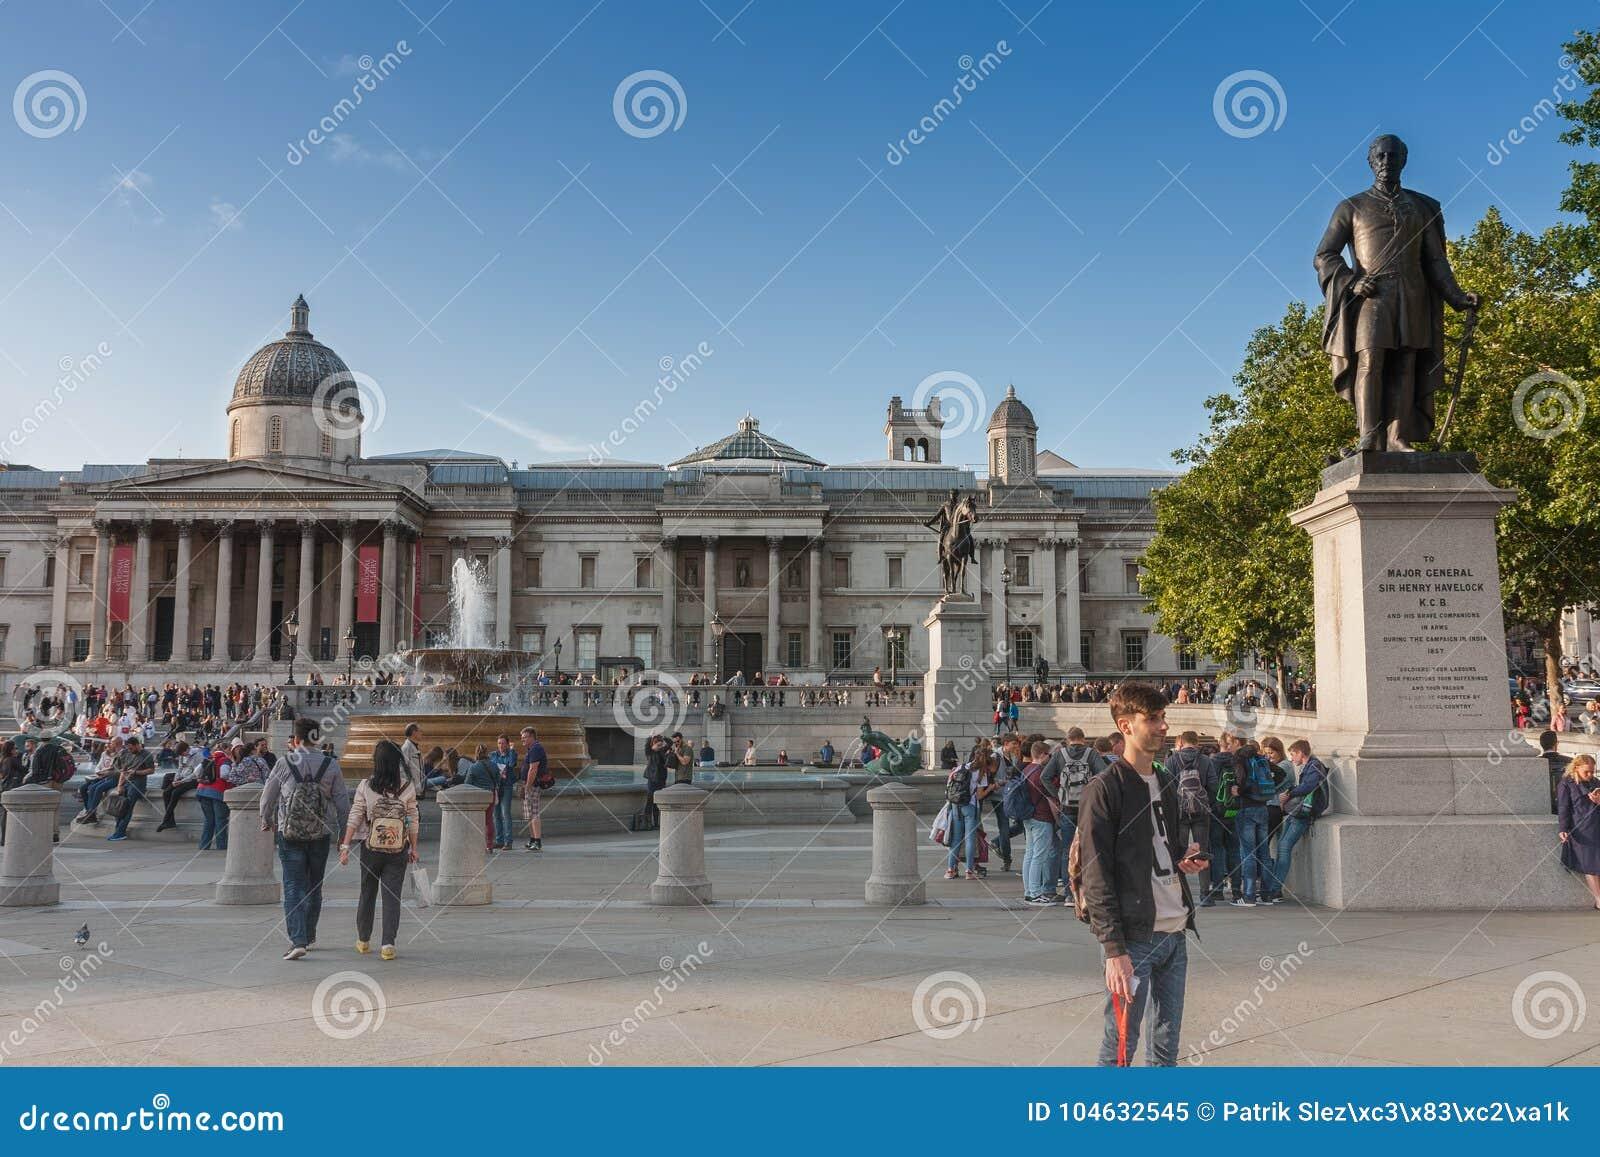 Download Toeristen Die Op Trafalgar Square Lopen Redactionele Afbeelding - Afbeelding bestaande uit brittannië, belangrijk: 104632545